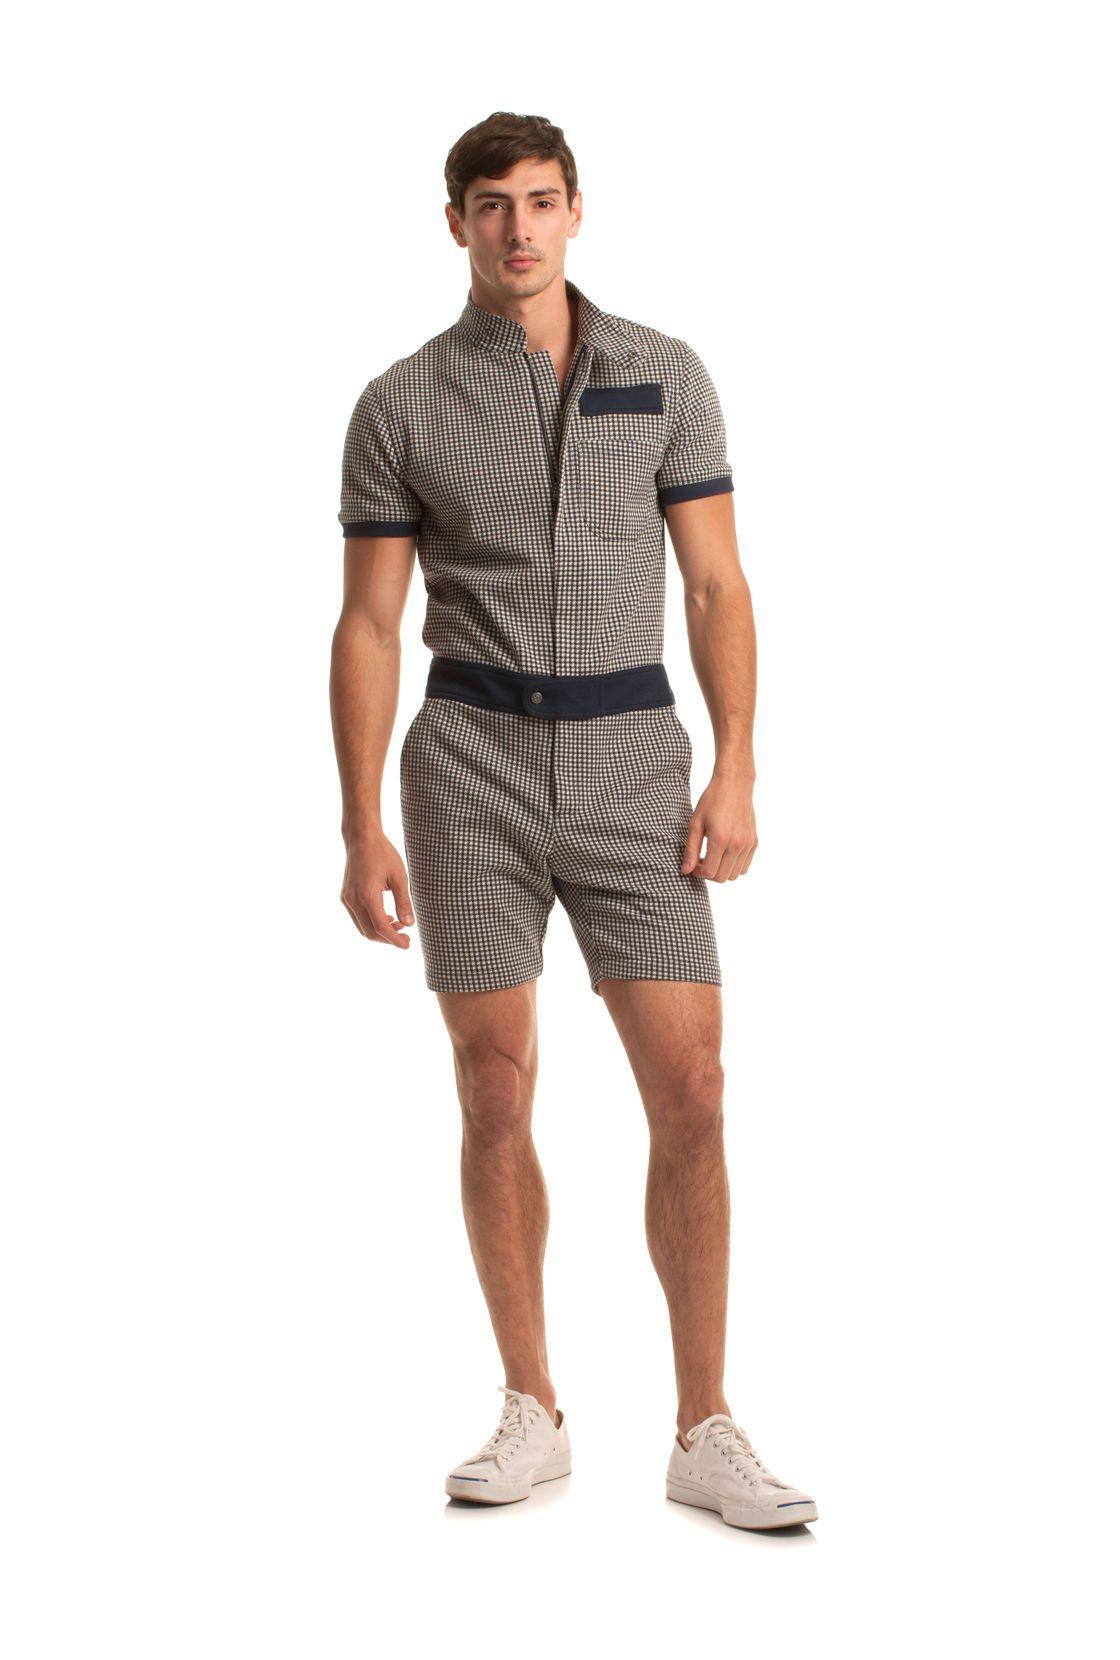 9d91130733d6 NEWTON SHORT JUMPSUIT - TrinaTurk Big Men Fashion